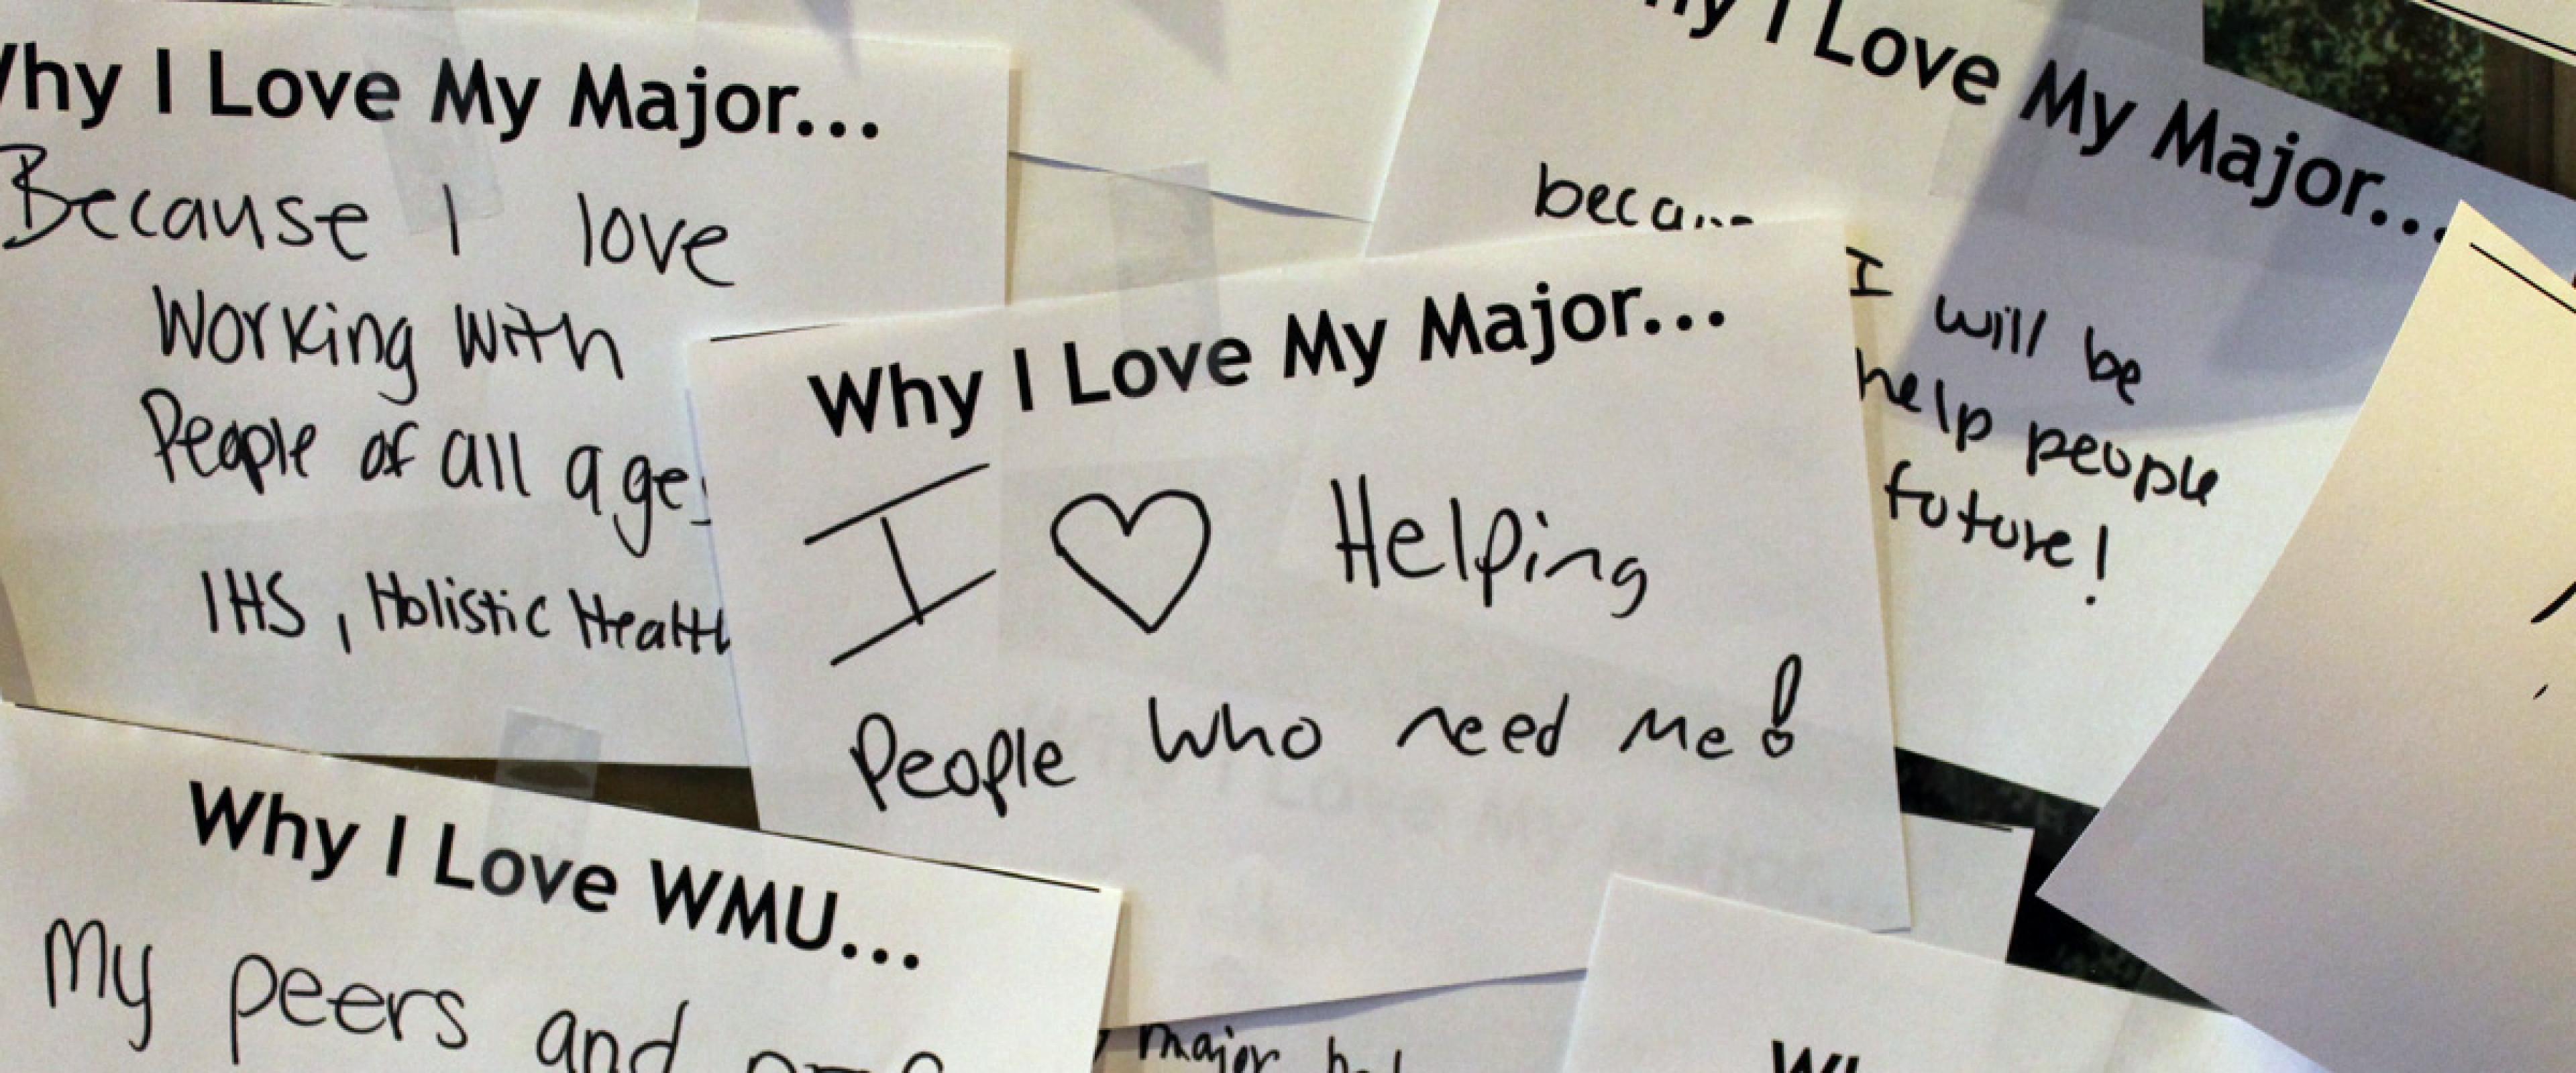 why I love my major